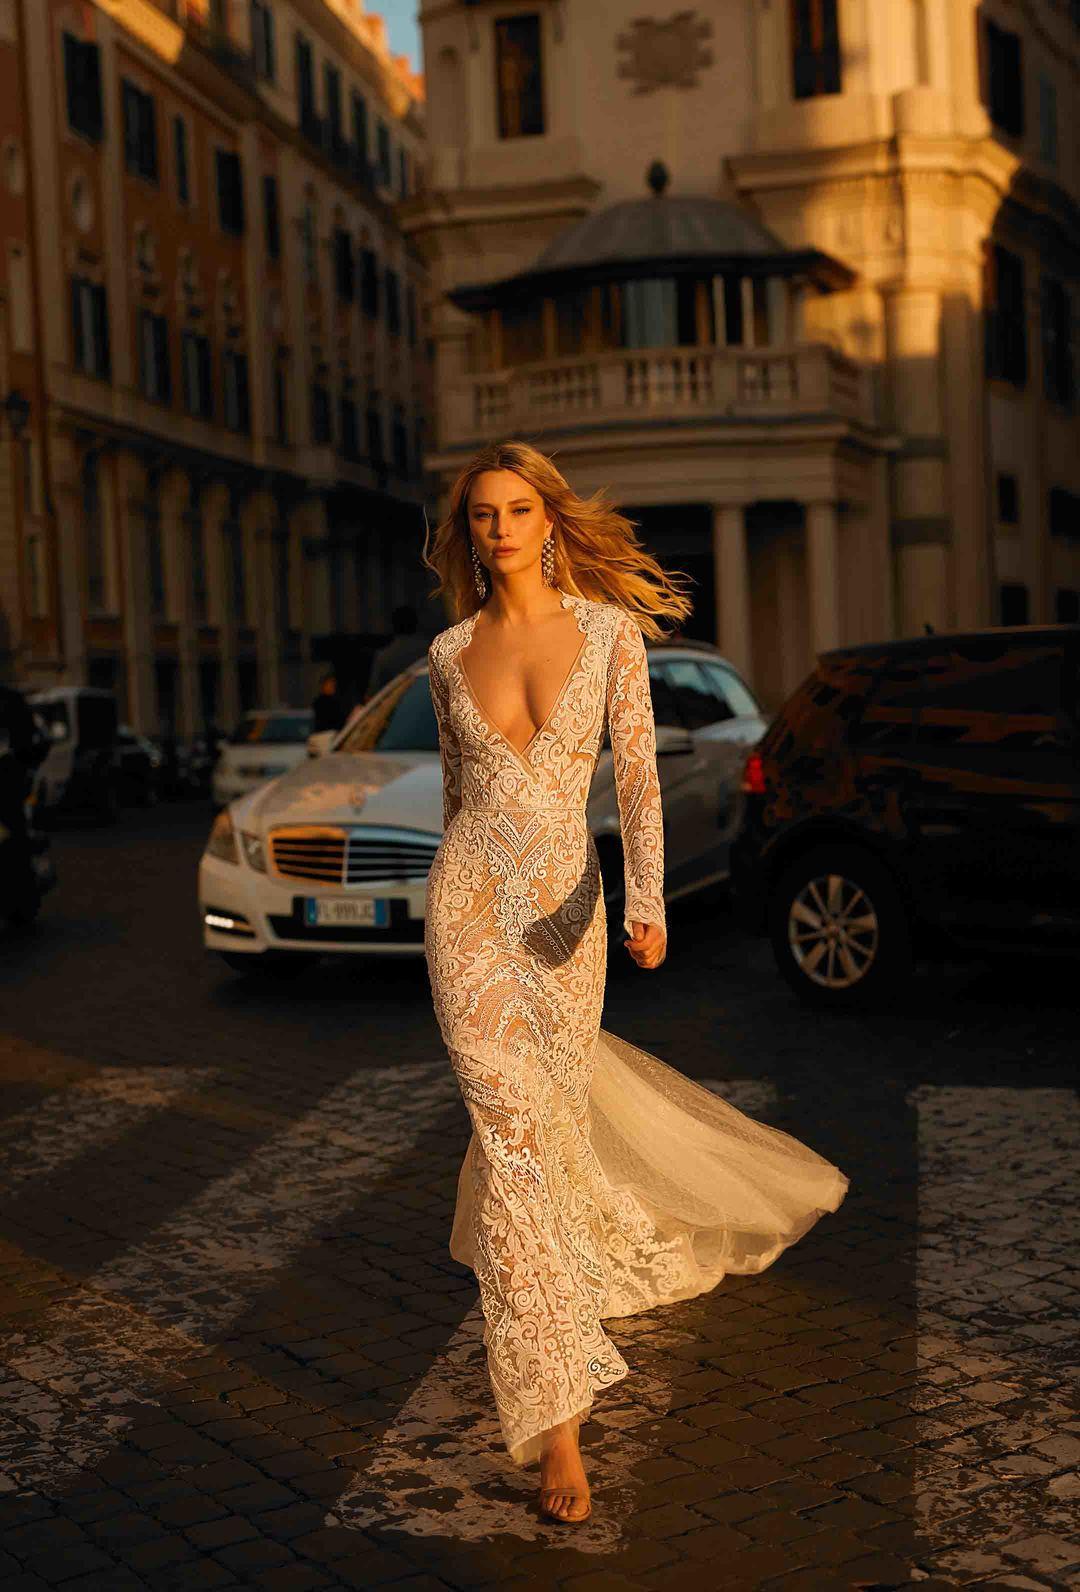 style 20 p0-11 dress photo